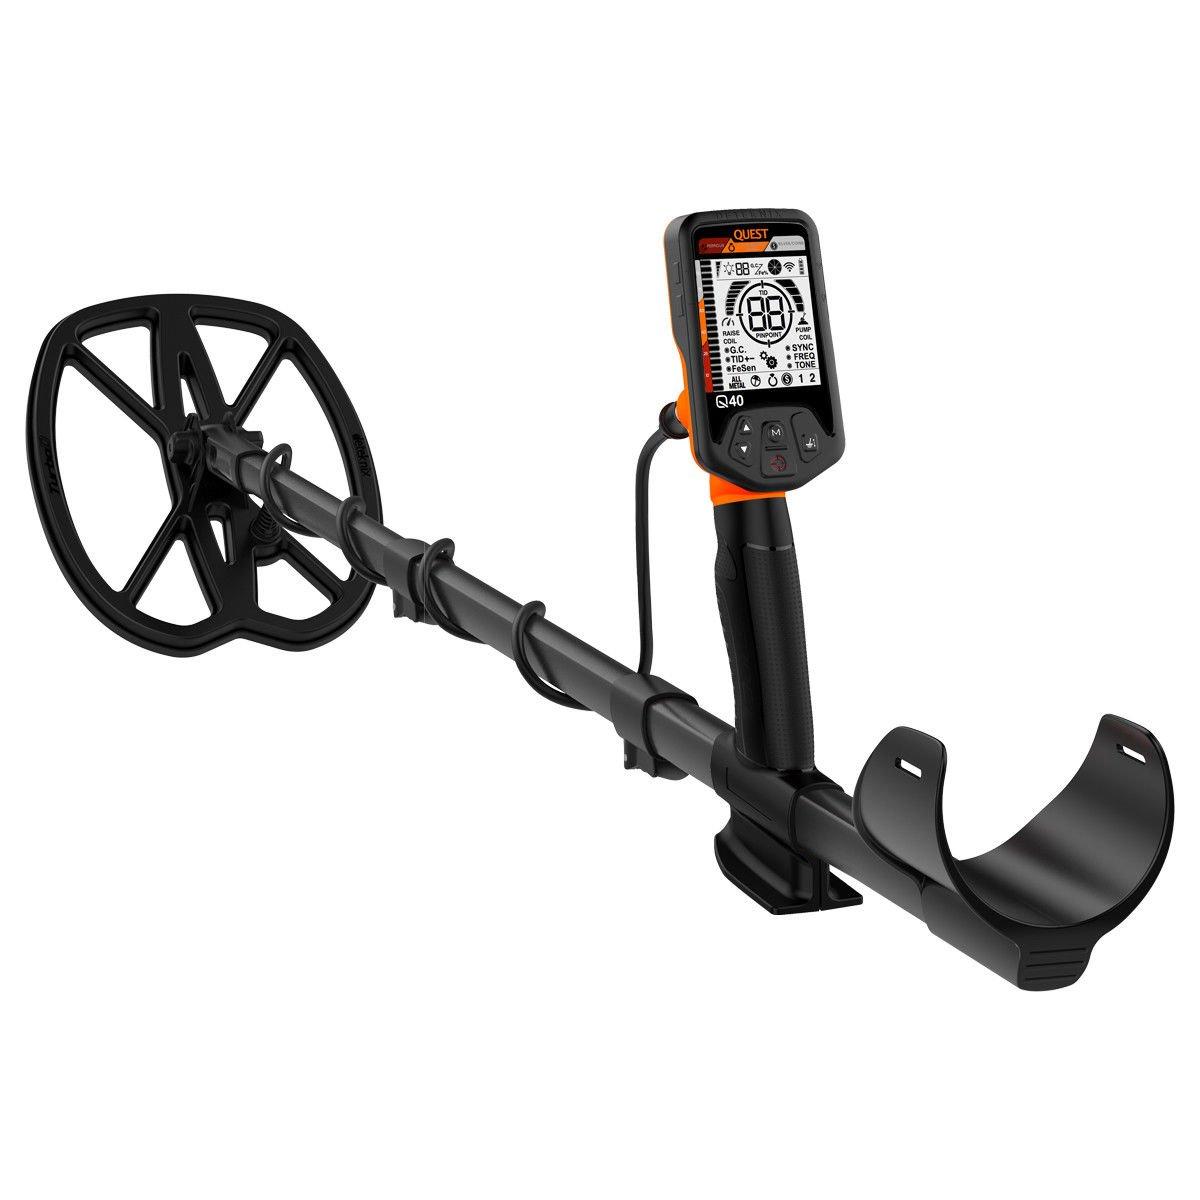 Quest Q40 Detector de Metales con Bobina de búsqueda Impermeable y 11 x 9 turbod: Amazon.es: Jardín